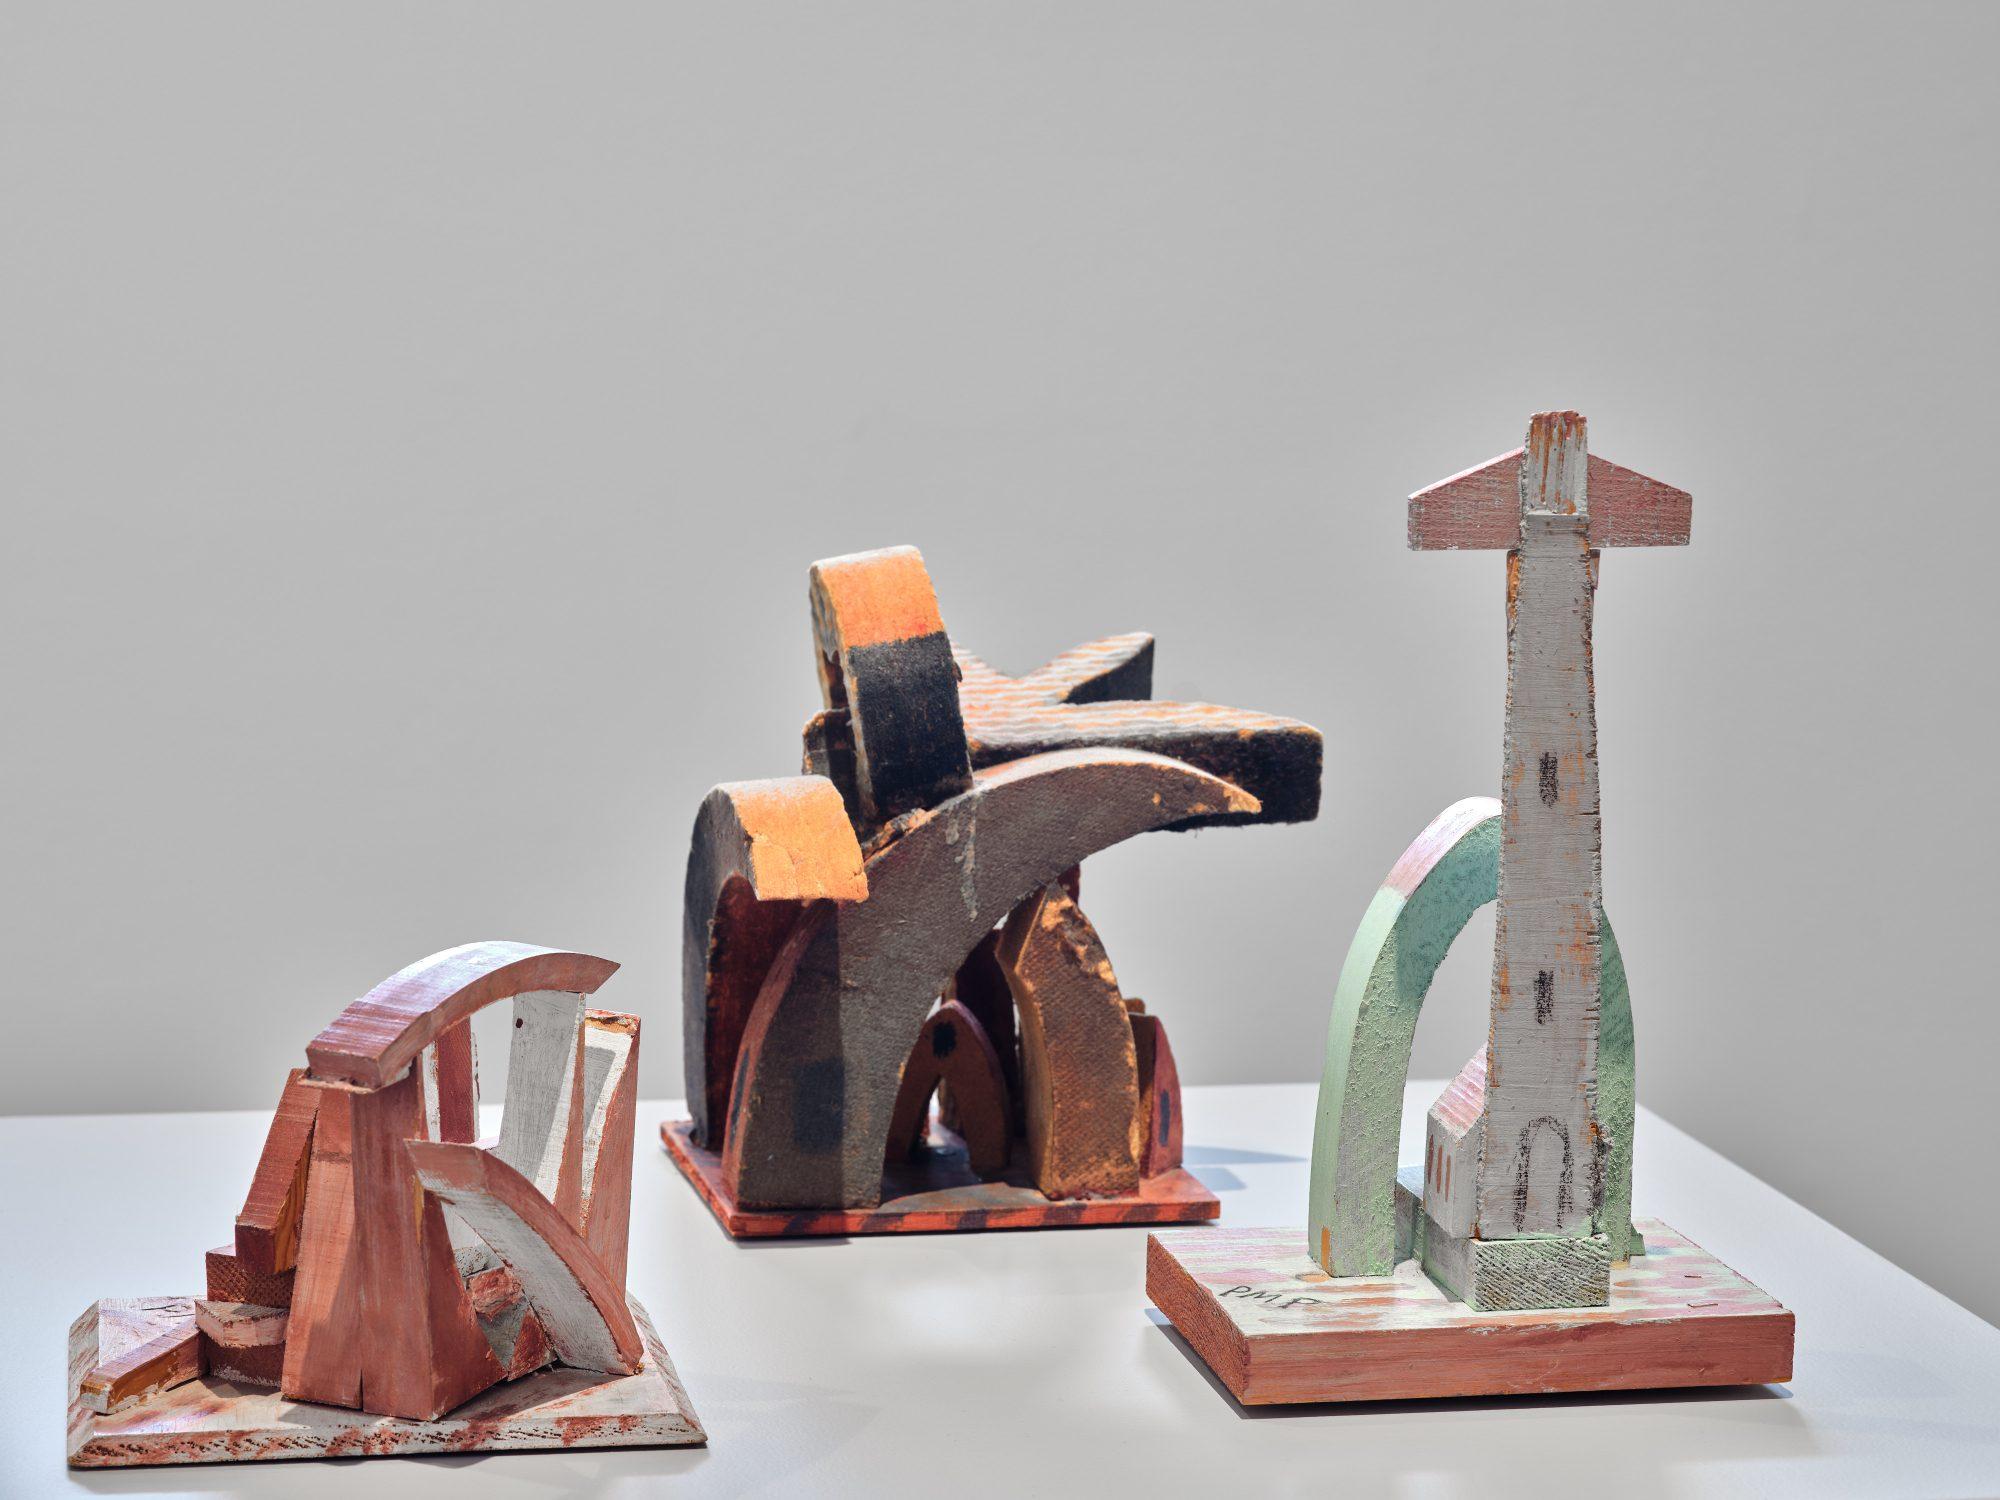 Primus Mortimer Pettersson_utställningen, En tyst vår vandrar genom lägenheten, Magasin III, 2021.